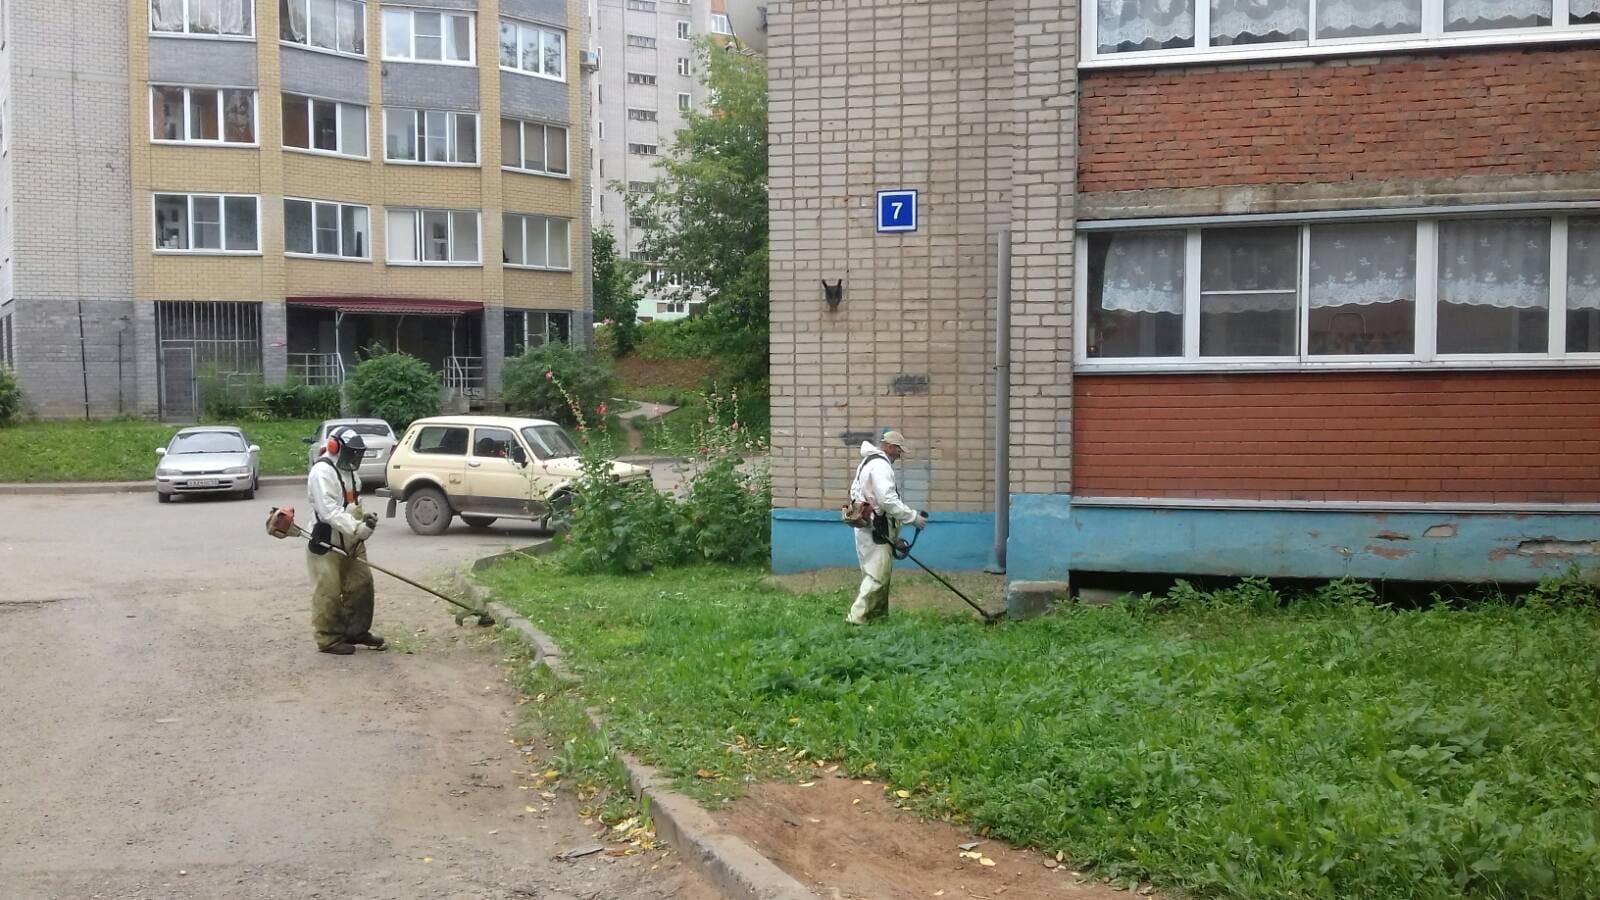 Ул. Менделеева, 7. Кошение газонов.